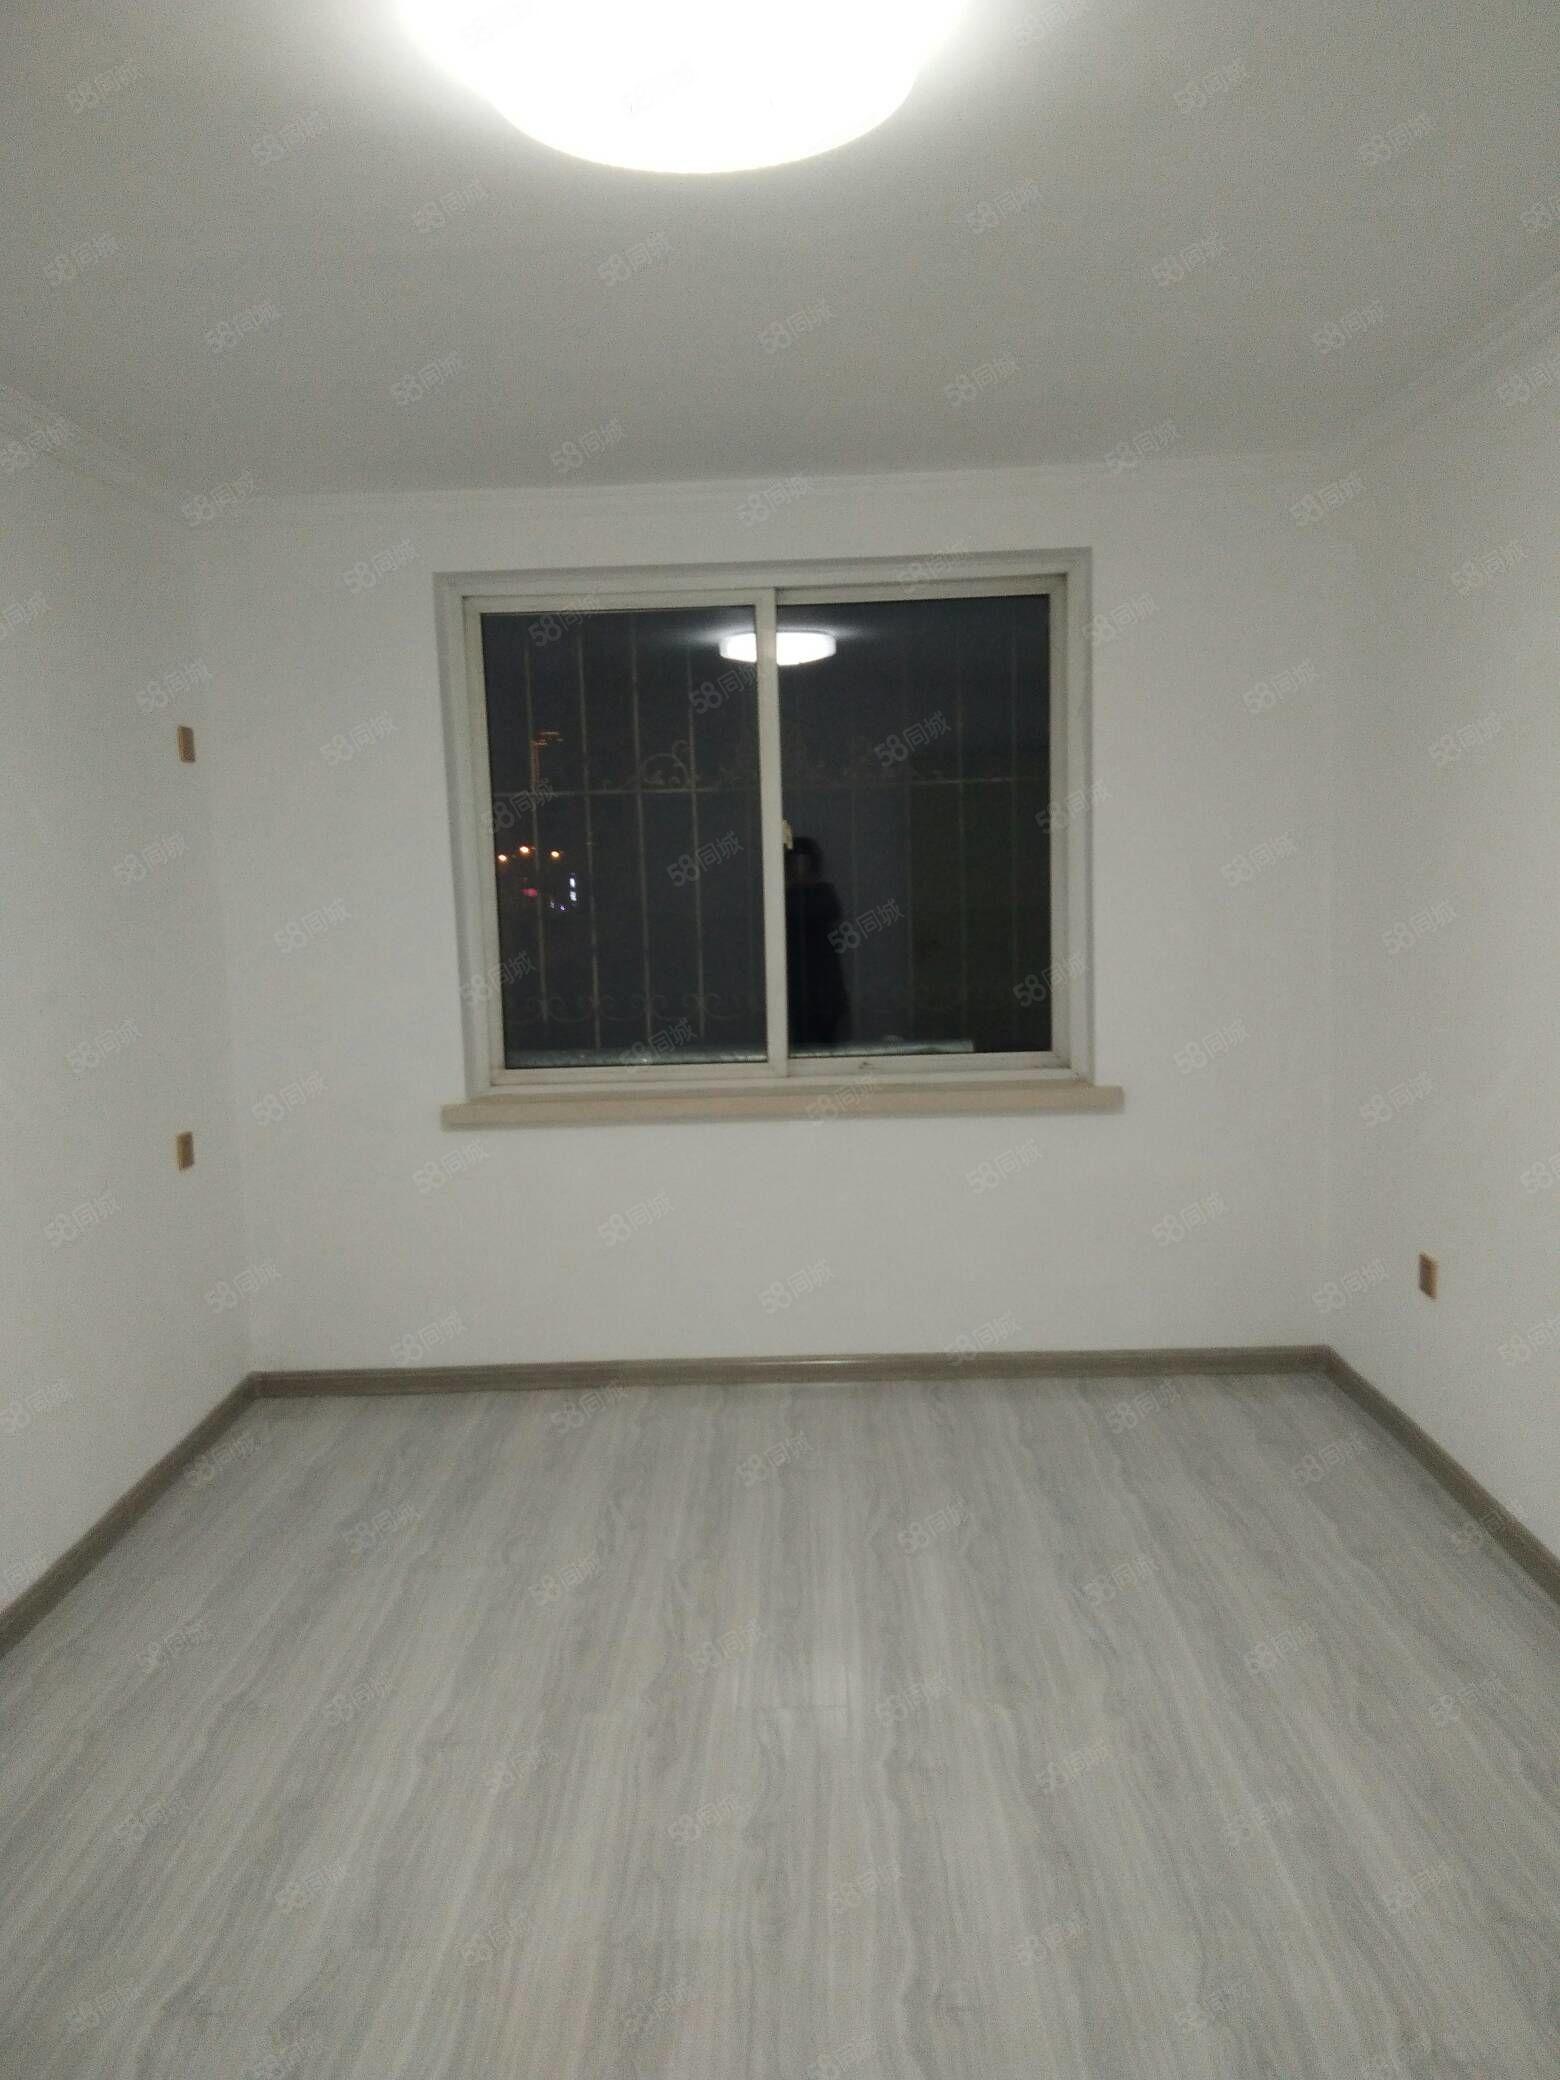 盛世新城56平三樓三陽格局精裝修地暖24.8萬可貸款